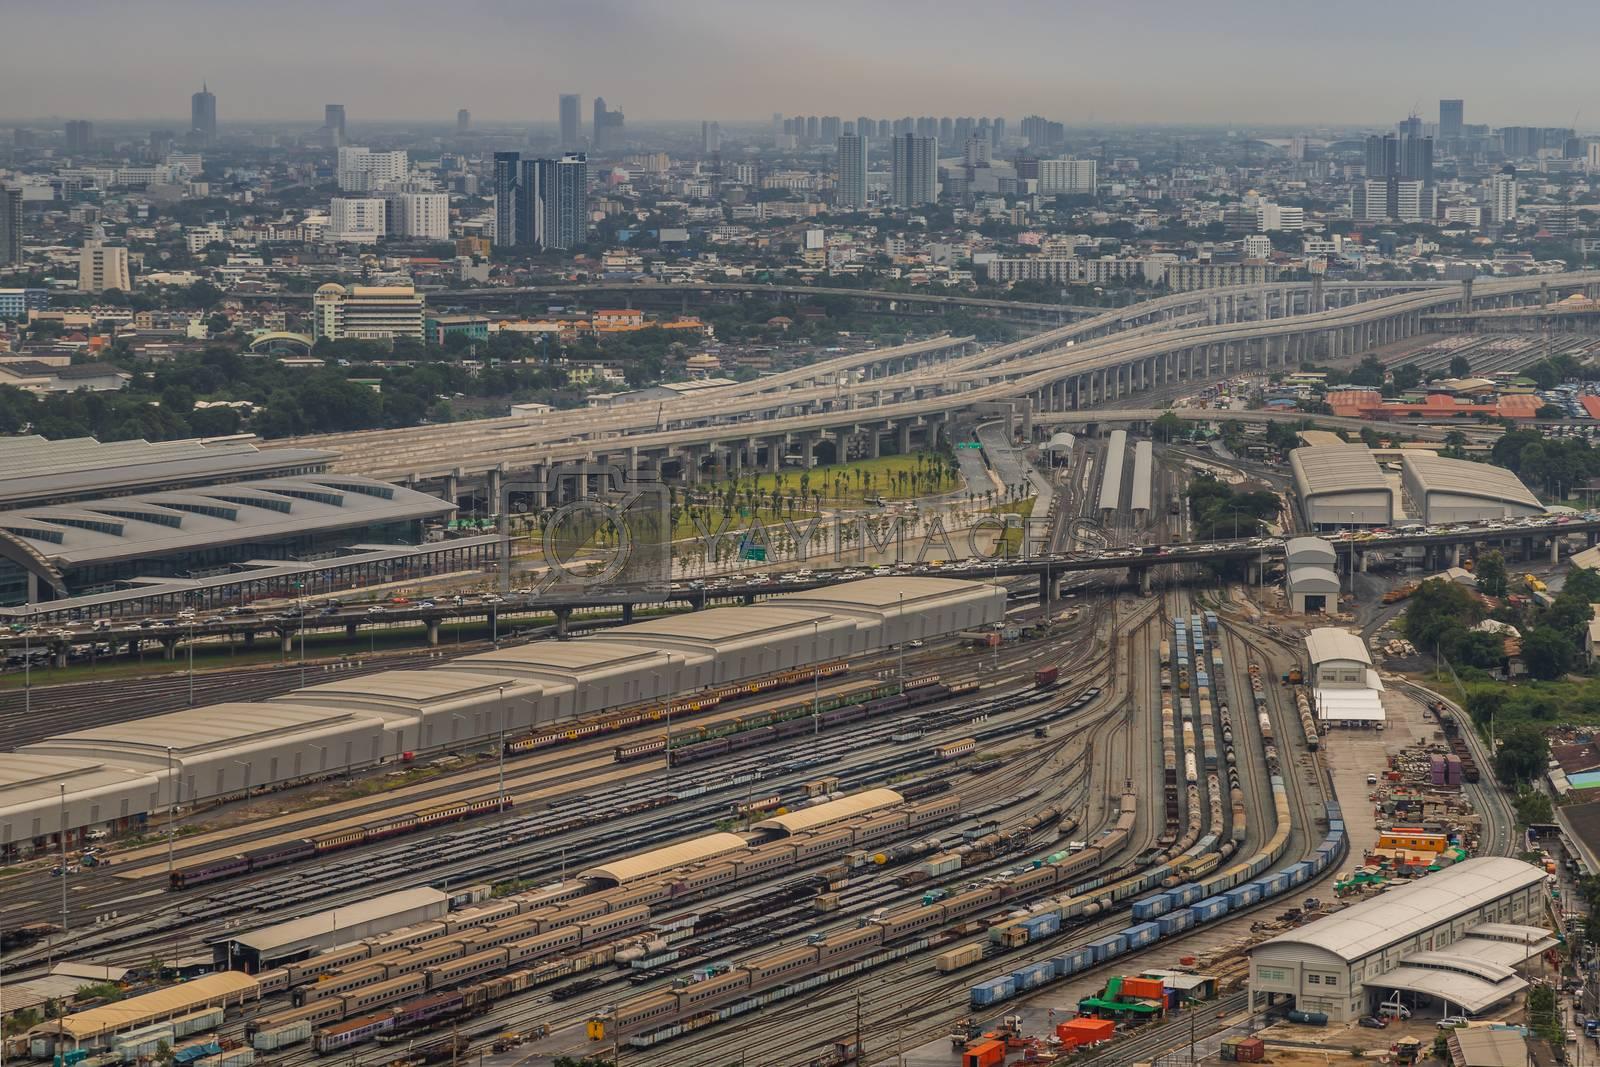 Bangkok, Thailand - Jul, 25, 2020 : Aerial view of Bang Sue central station, the new railway hub transportation building at bangkok. No focus, specifically.